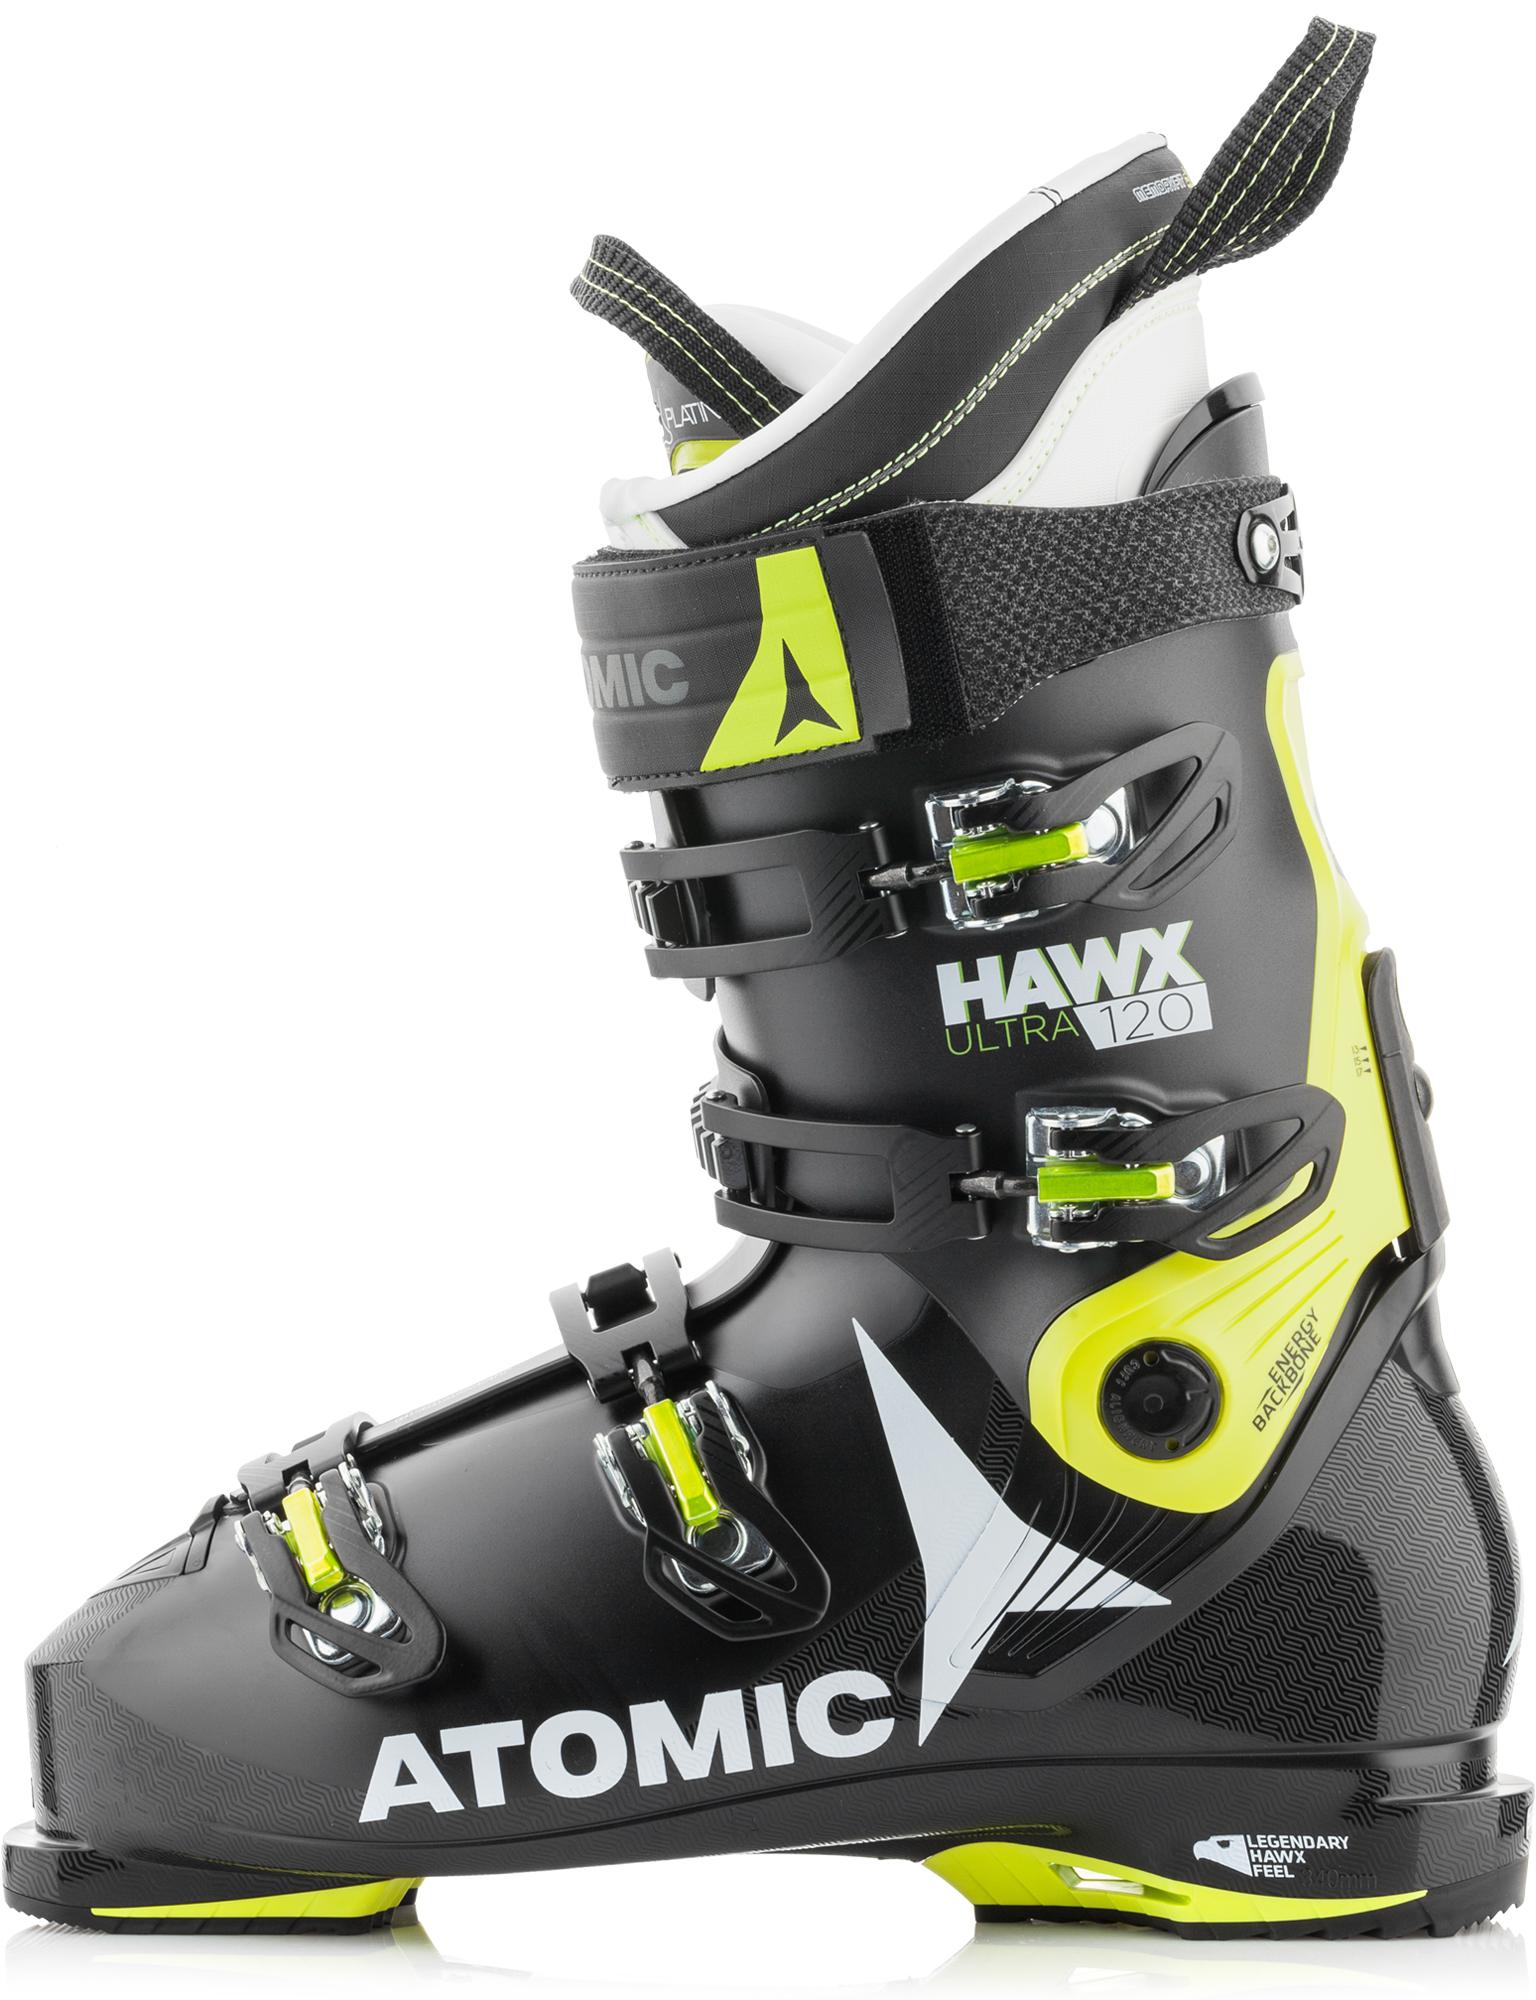 Atomic Ботинки горнолыжные Atomic HAWX ULTRA 120, размер 45,5 atomic ботинки горнолыжные atomic live fit 100 размер 46